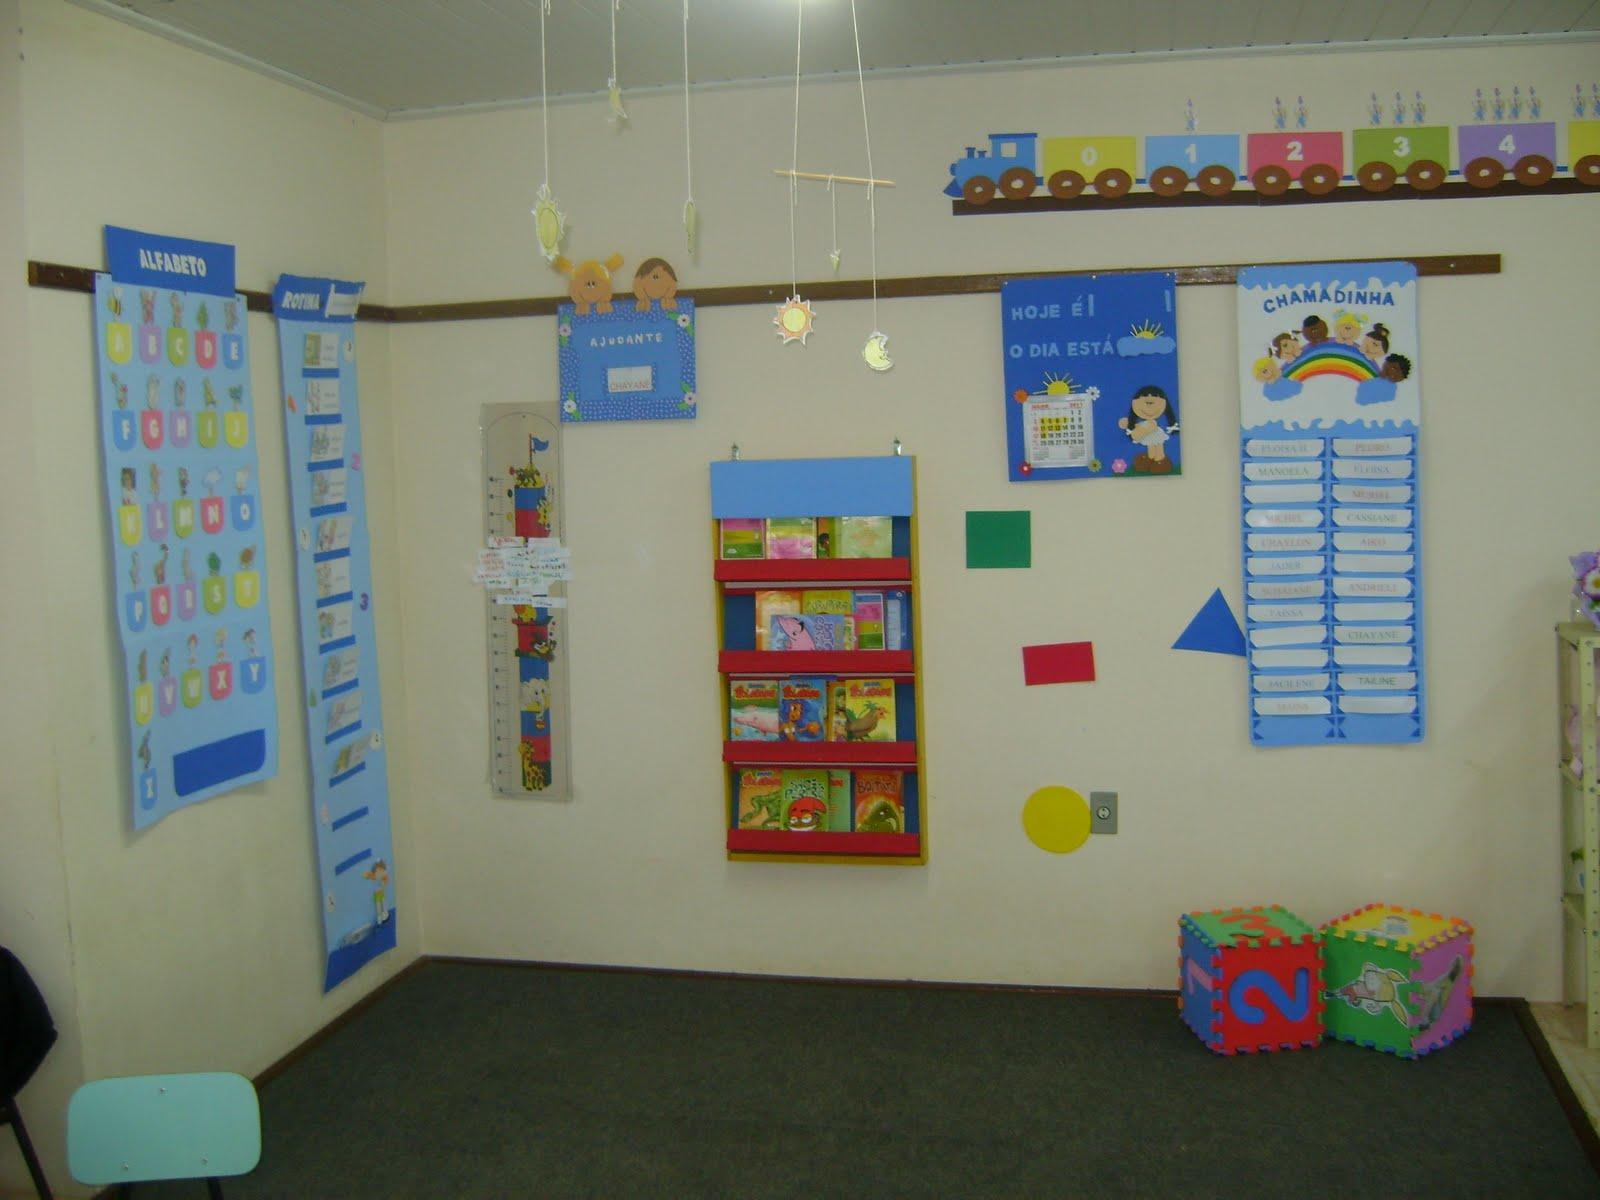 decoracao de sala aula educacao infantil : decoracao de sala aula educacao infantil: Ambiente Adequado e Acolhedor na Sala de Aula de Educação Infantil